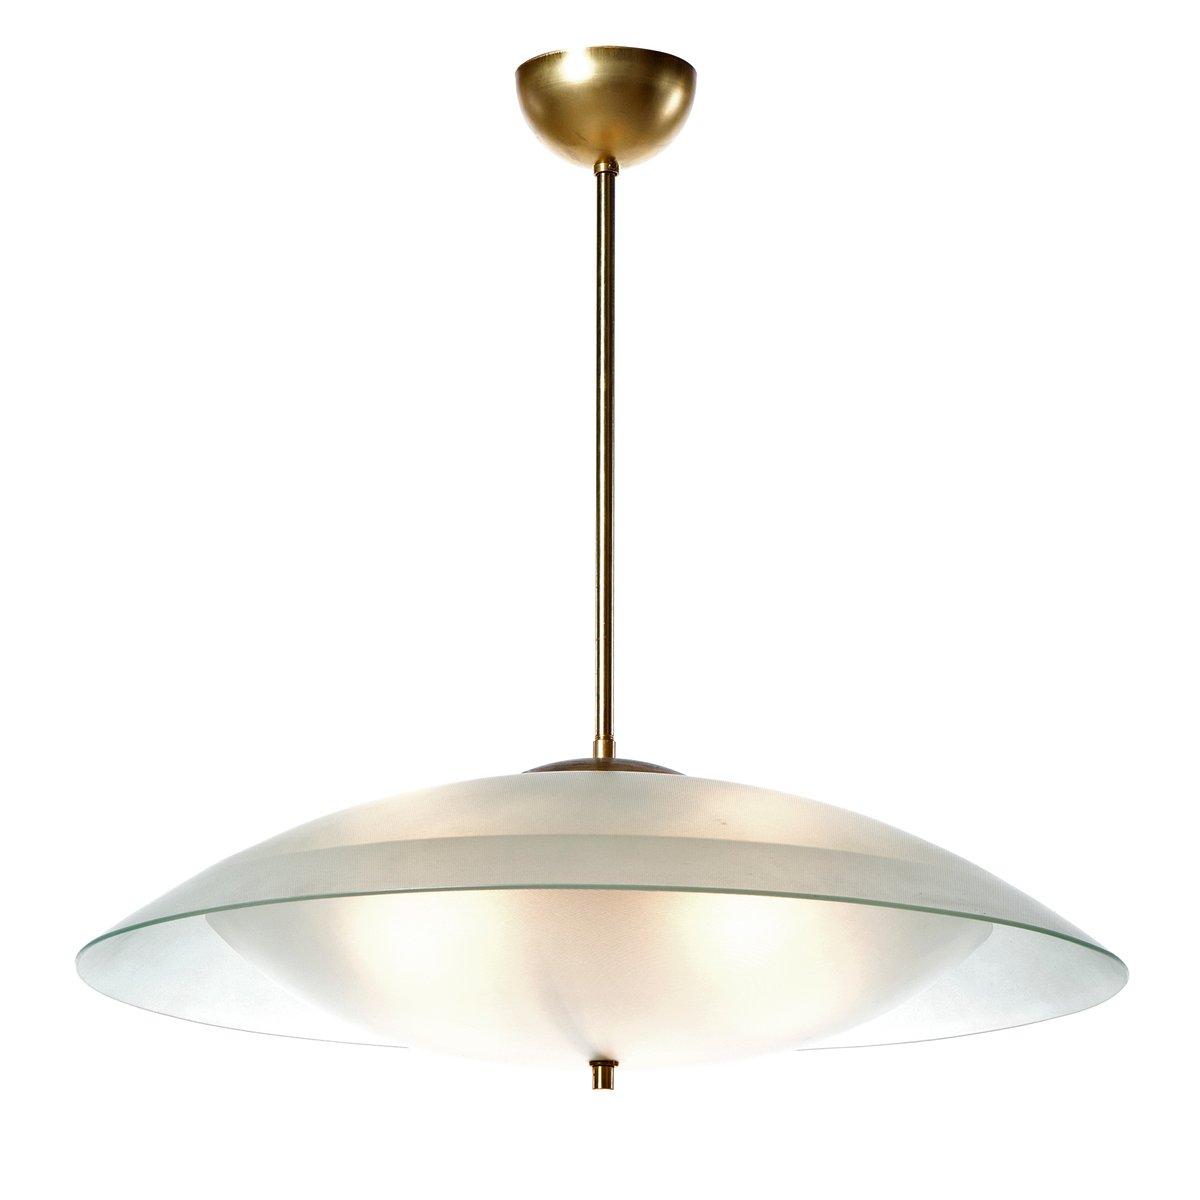 gro e h ngelampe mit sechs leuchten aus satinglas 1950er bei pamono kaufen. Black Bedroom Furniture Sets. Home Design Ideas